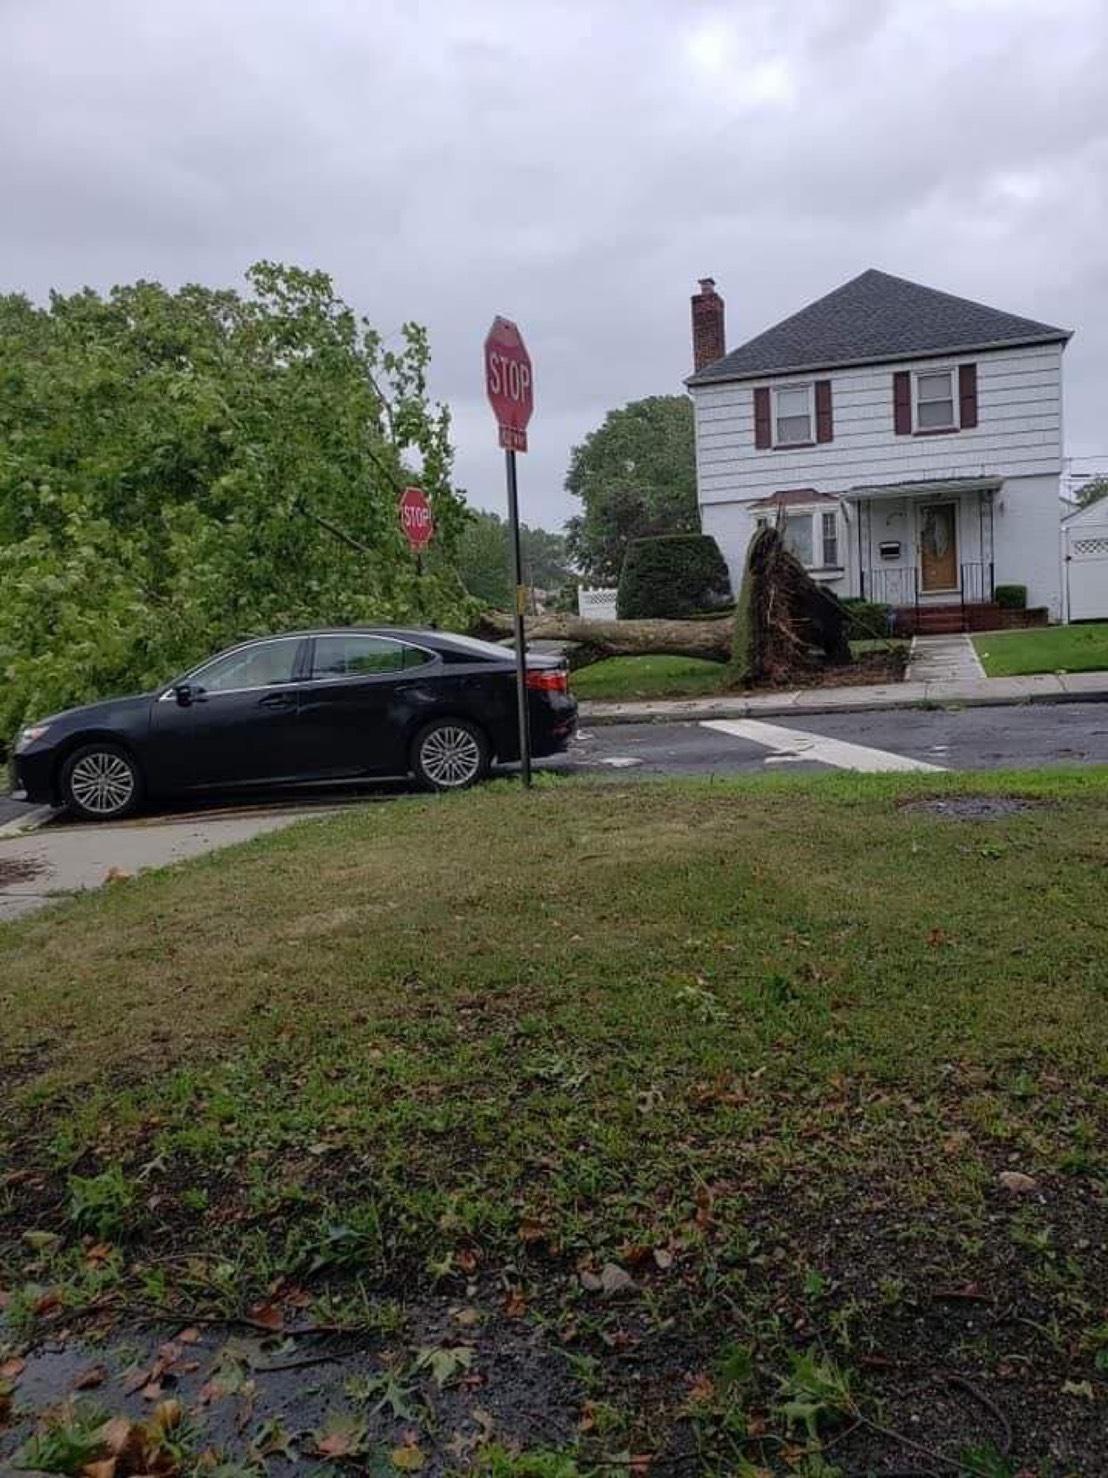 皇后區20大道與Utopia大道一戶住家前,大樹被連根拔起。(Cheryl提供)